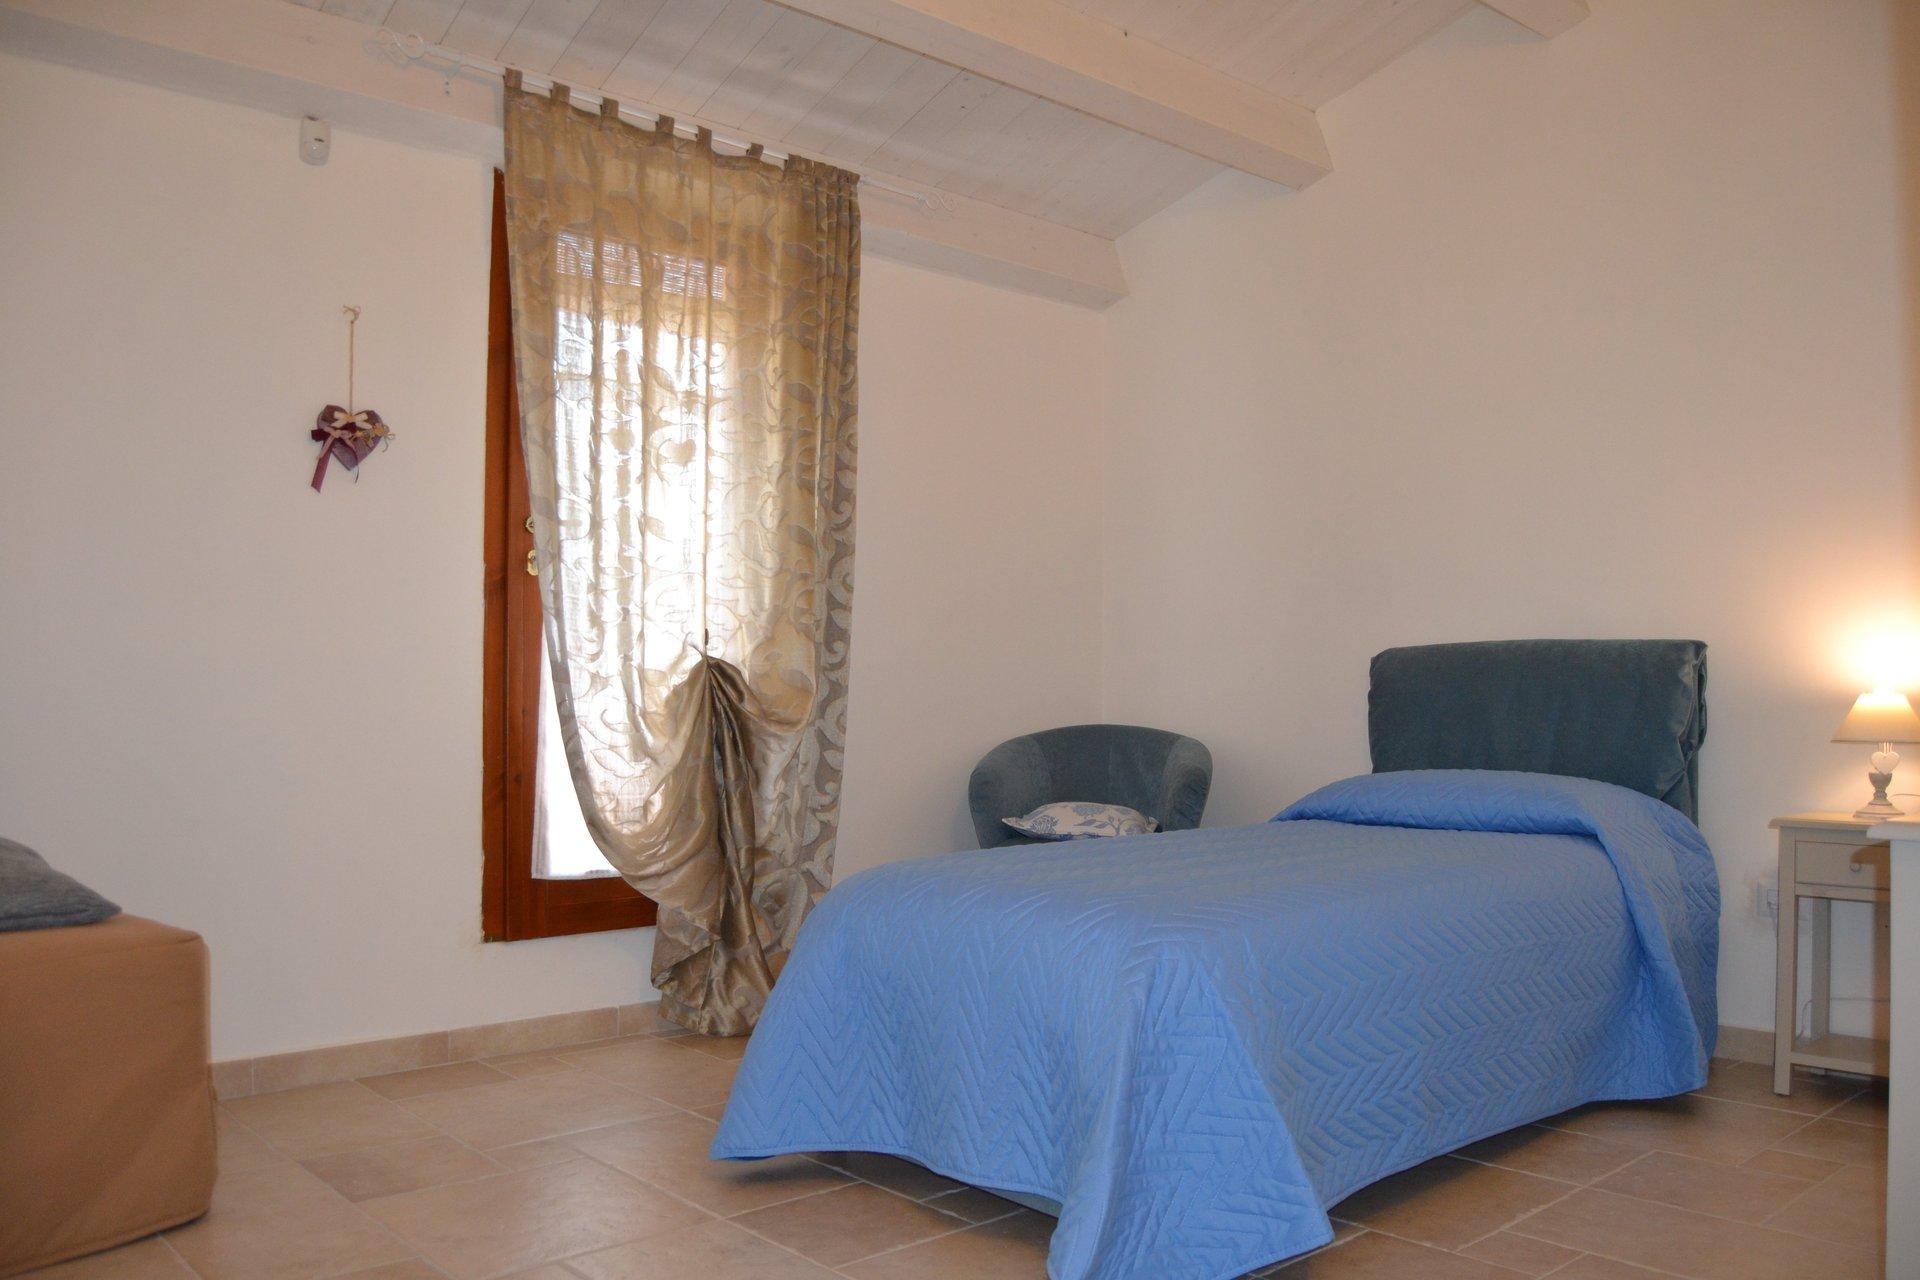 un letto con una coperta blu e delle tende alle finestre